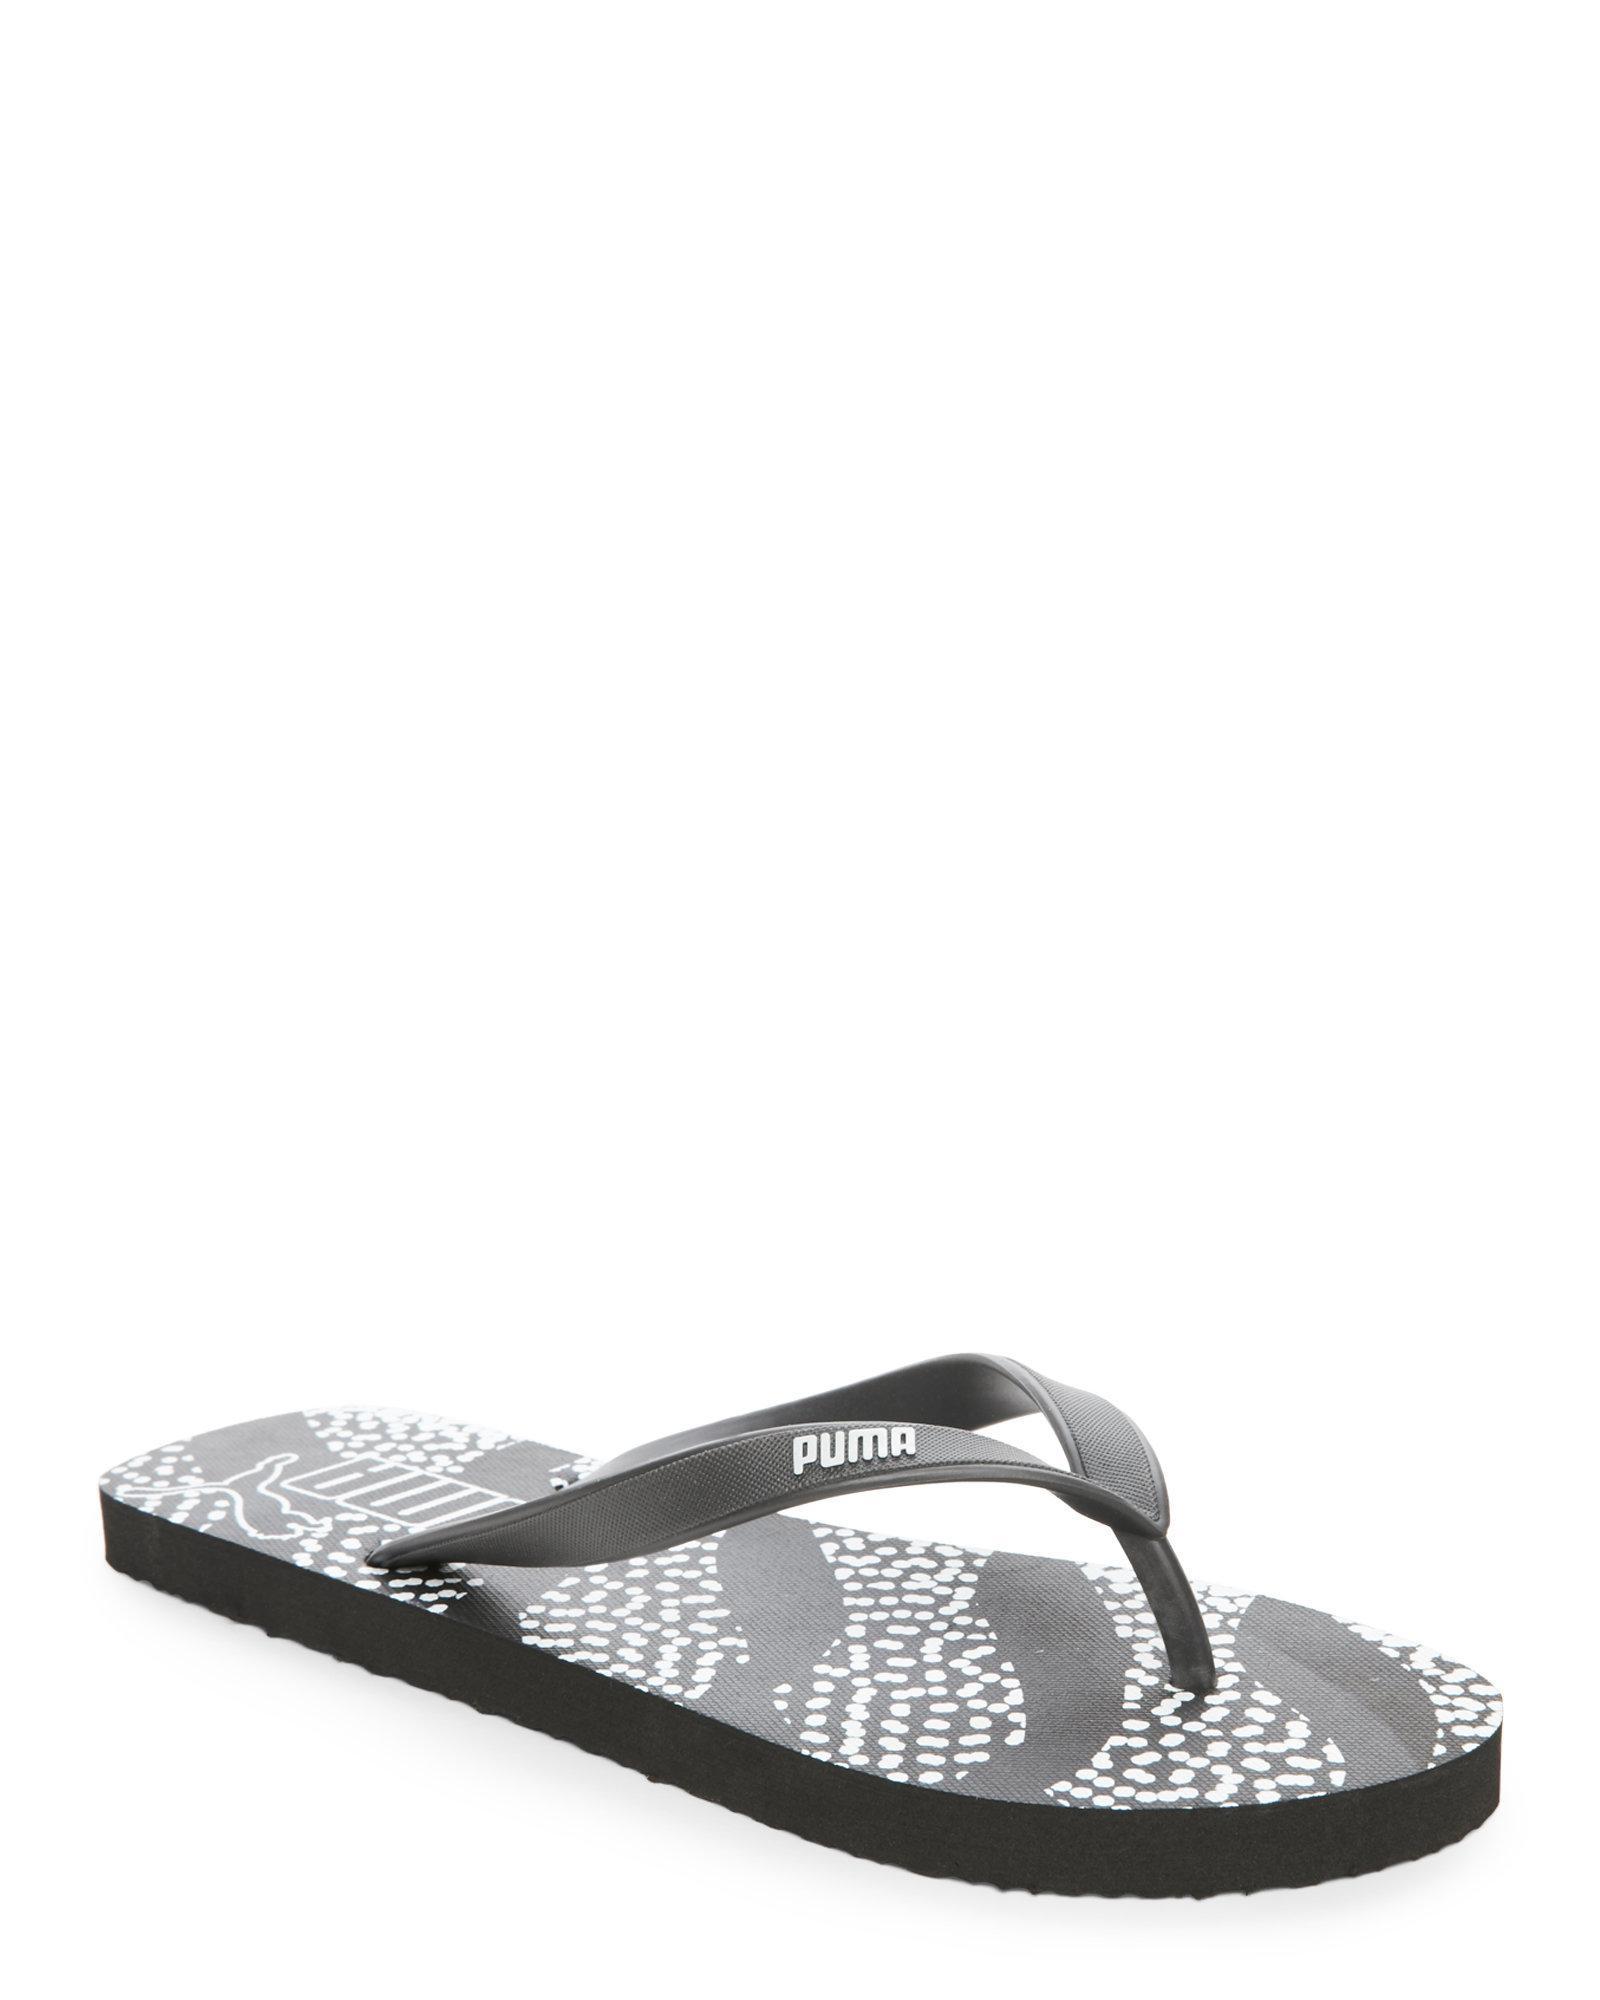 puma black white spotted flip flops in black lyst. Black Bedroom Furniture Sets. Home Design Ideas